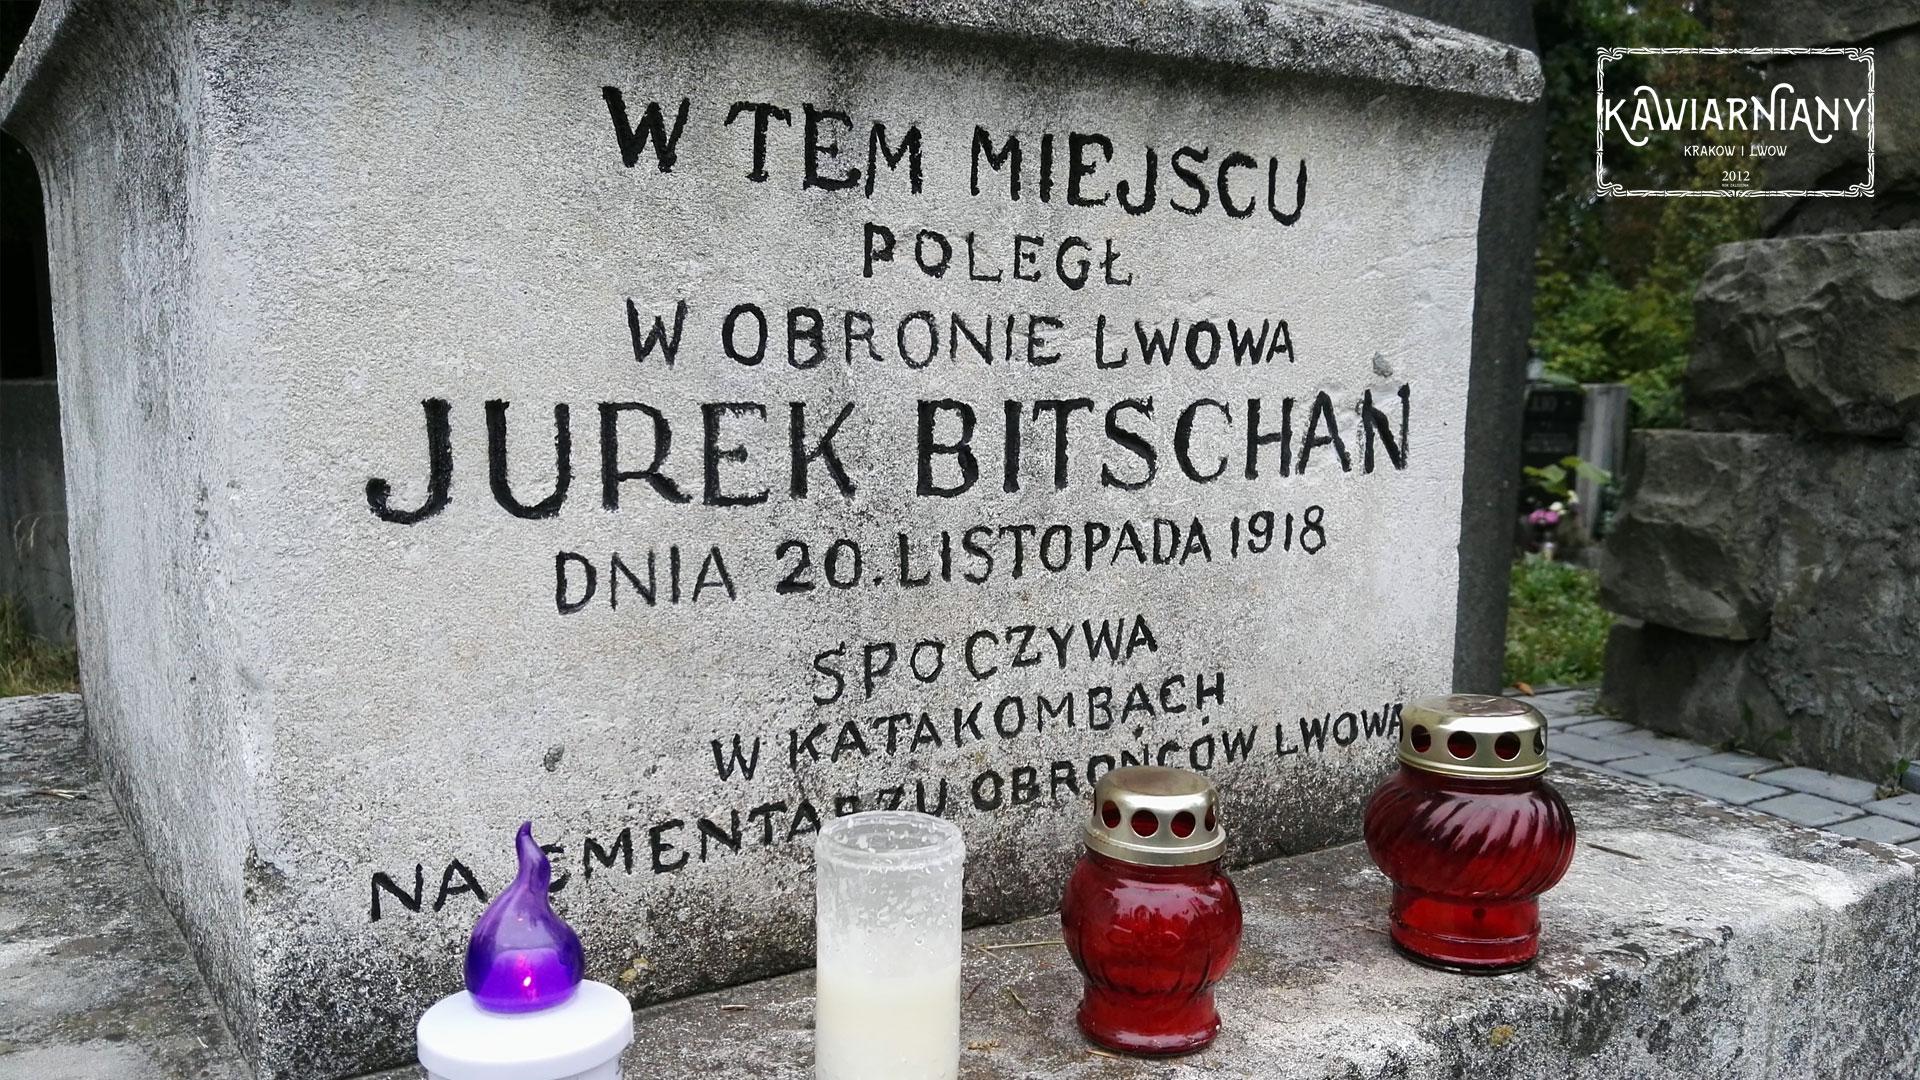 Jurek Bitschan